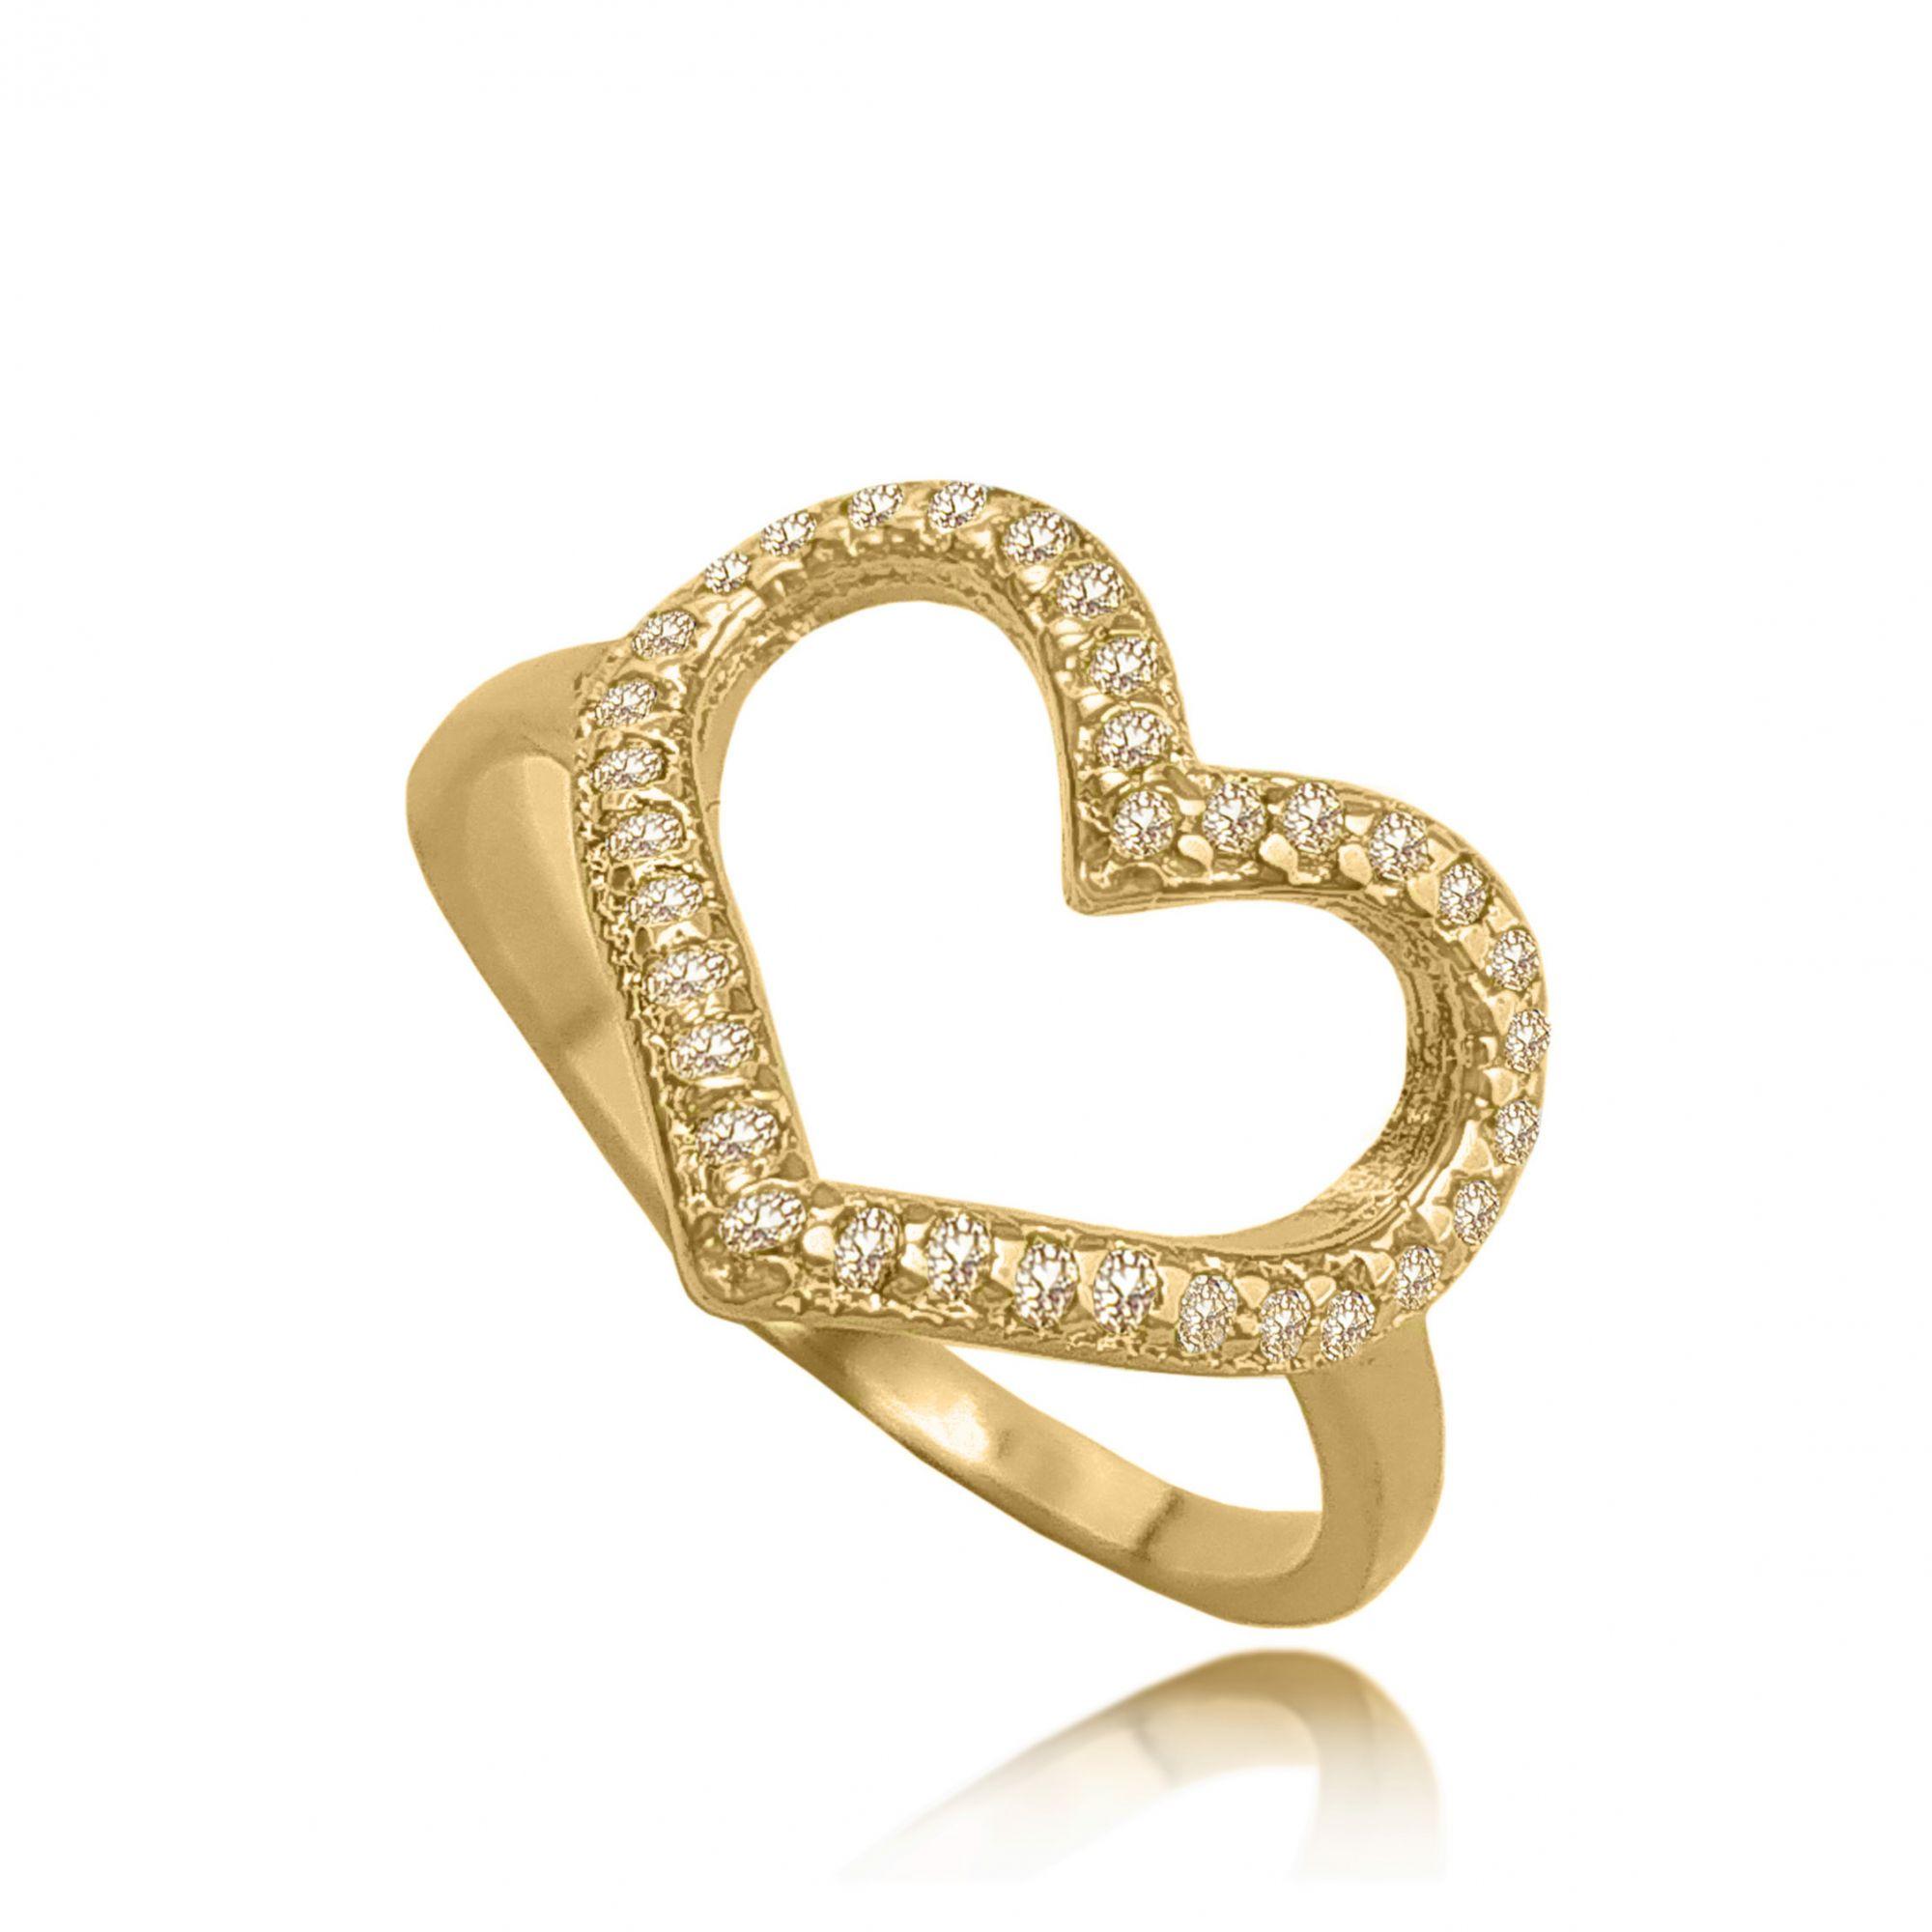 Anel Coração Enamorado Zircônias Folheado a Ouro 18k